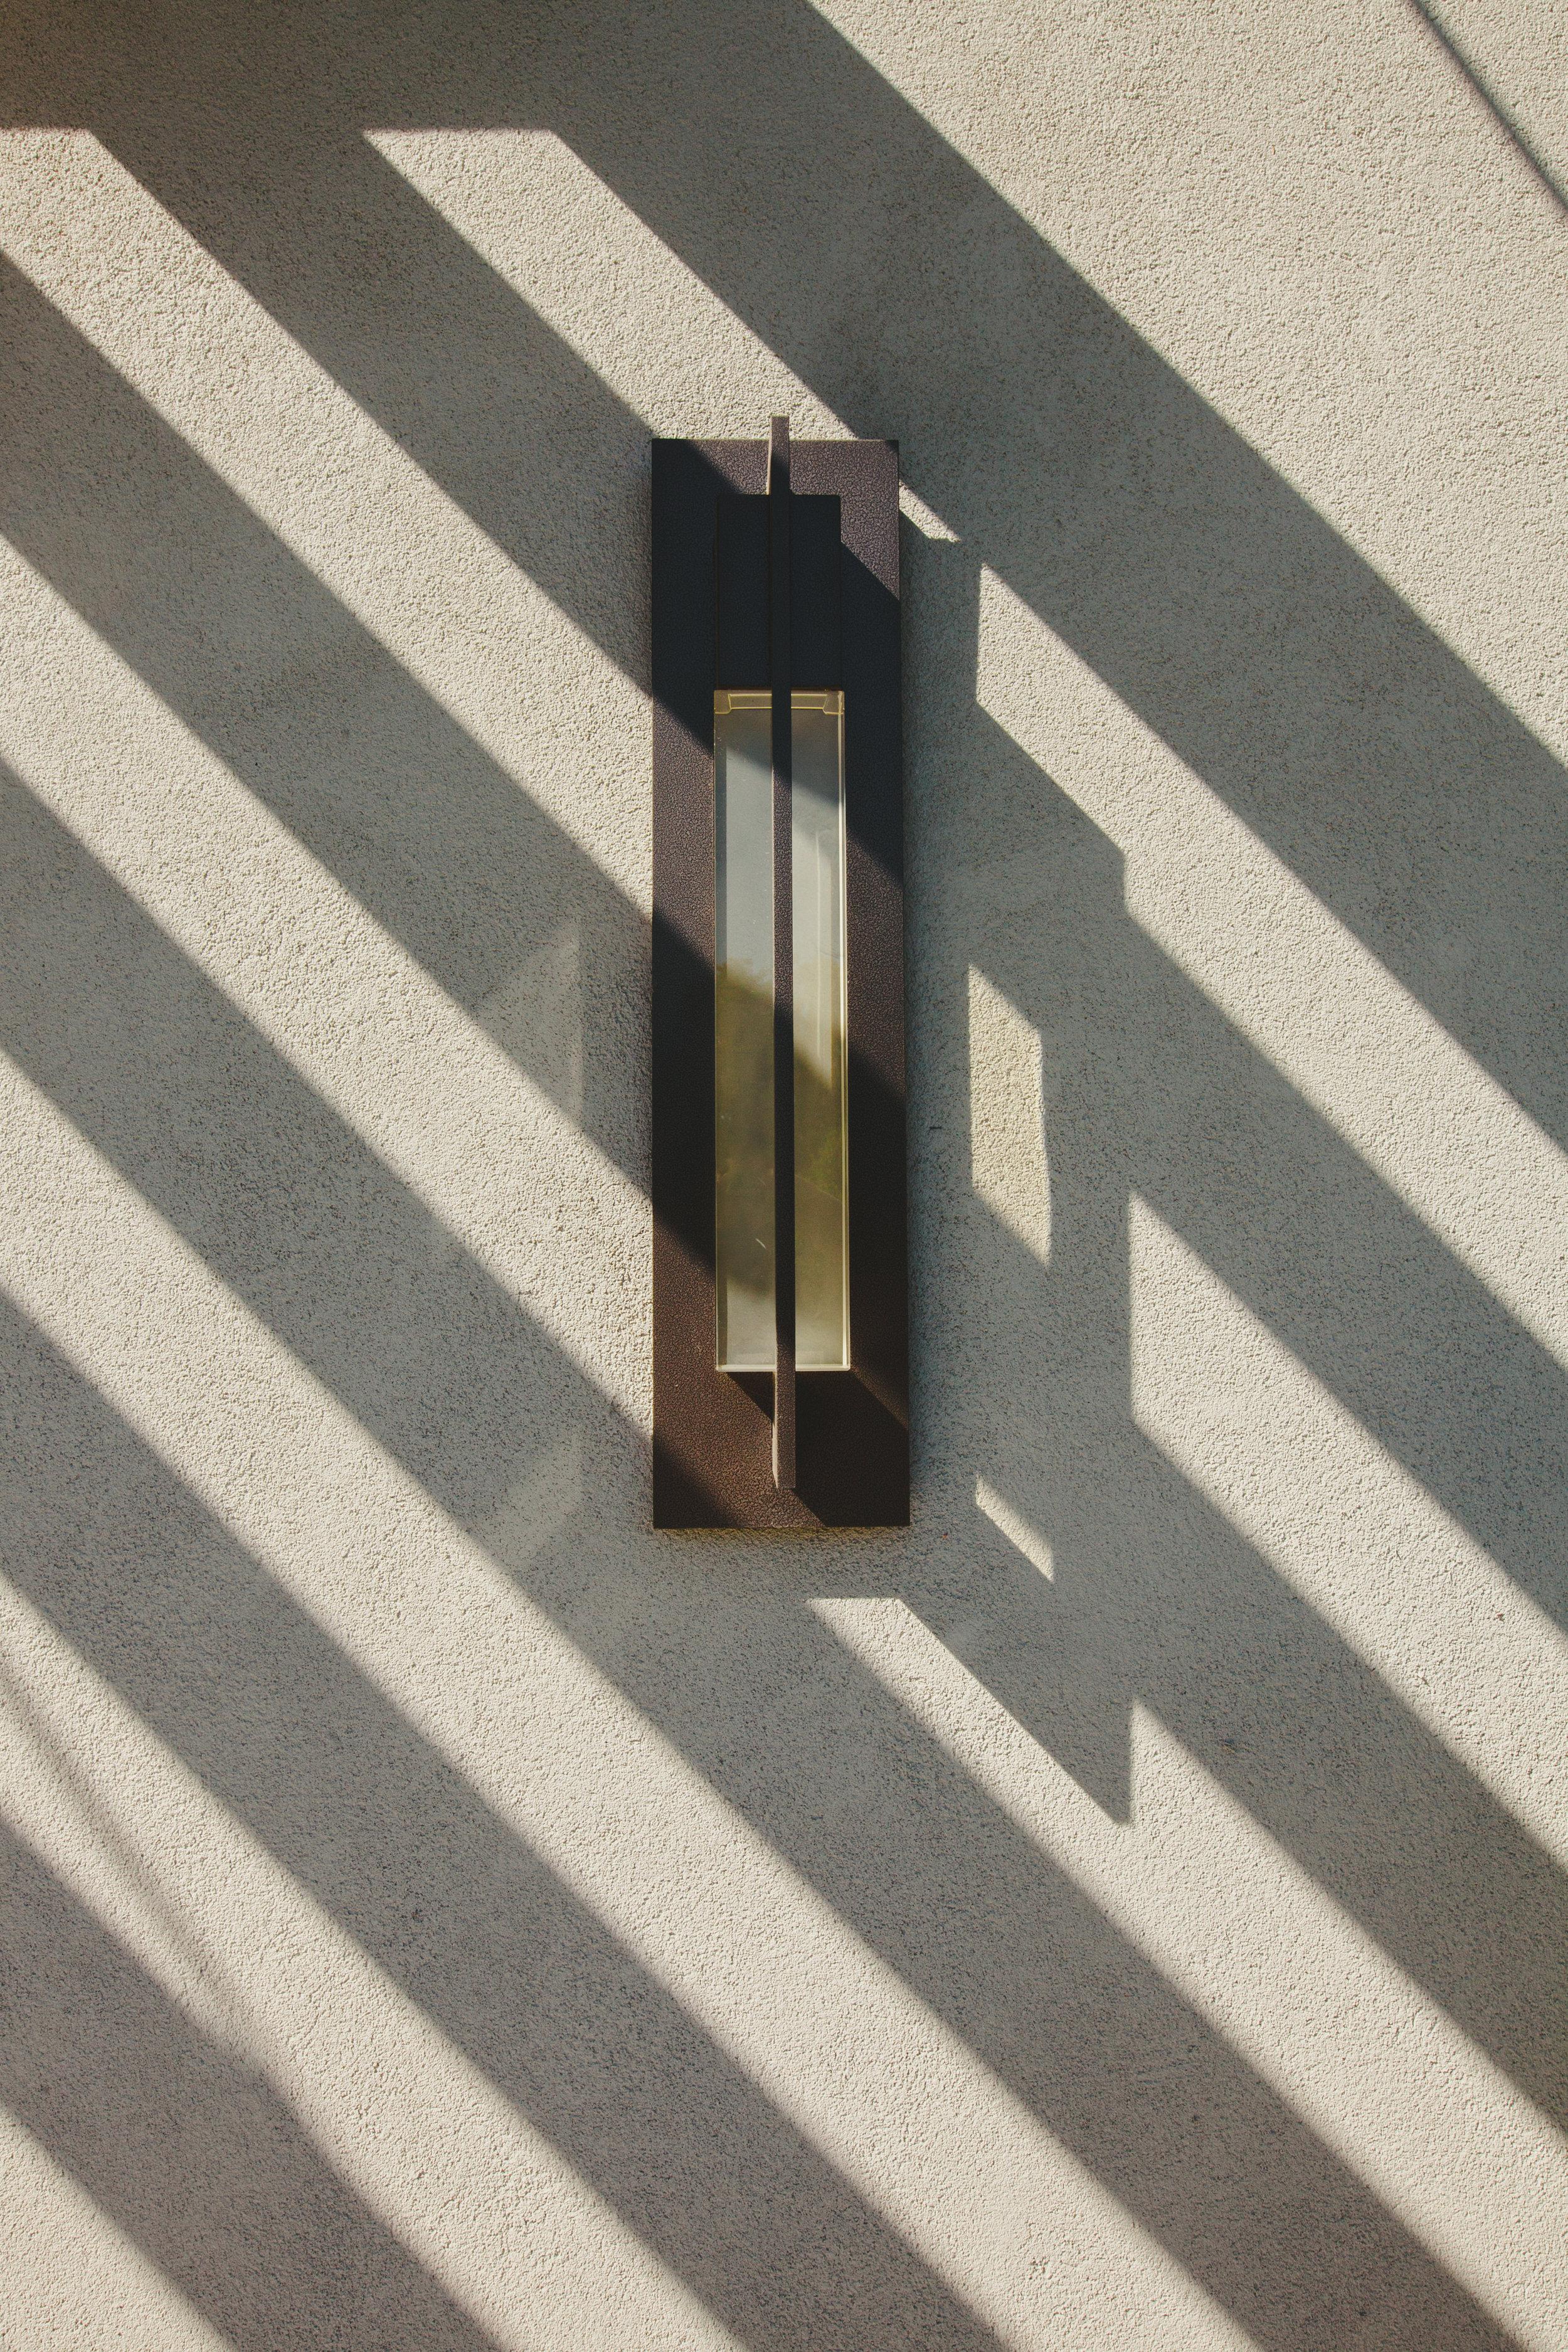 Steel-Light-Gen-M-Architecture.jpg